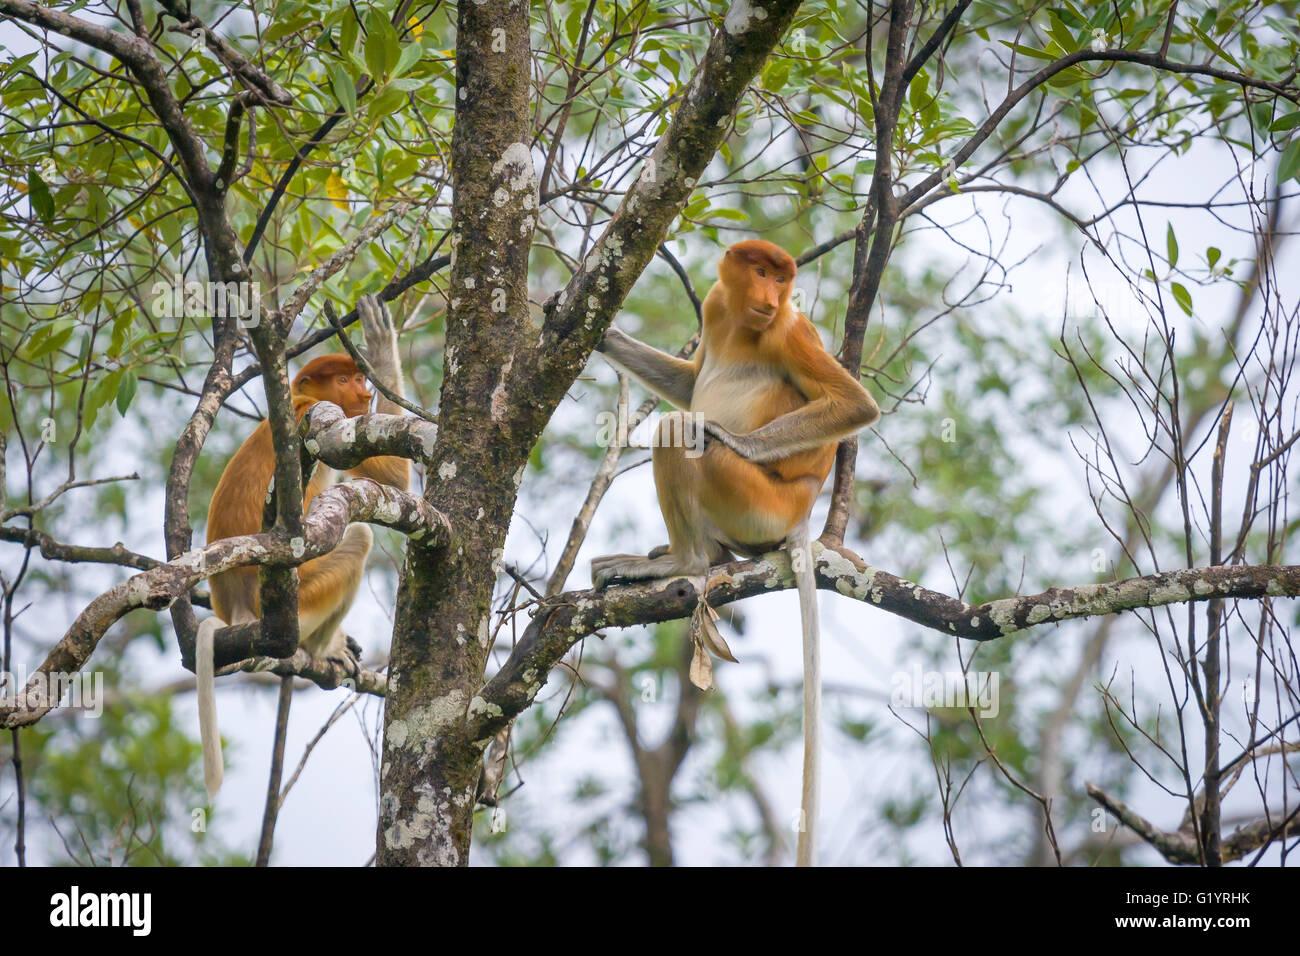 Proboscis Monkey. - Stock Image